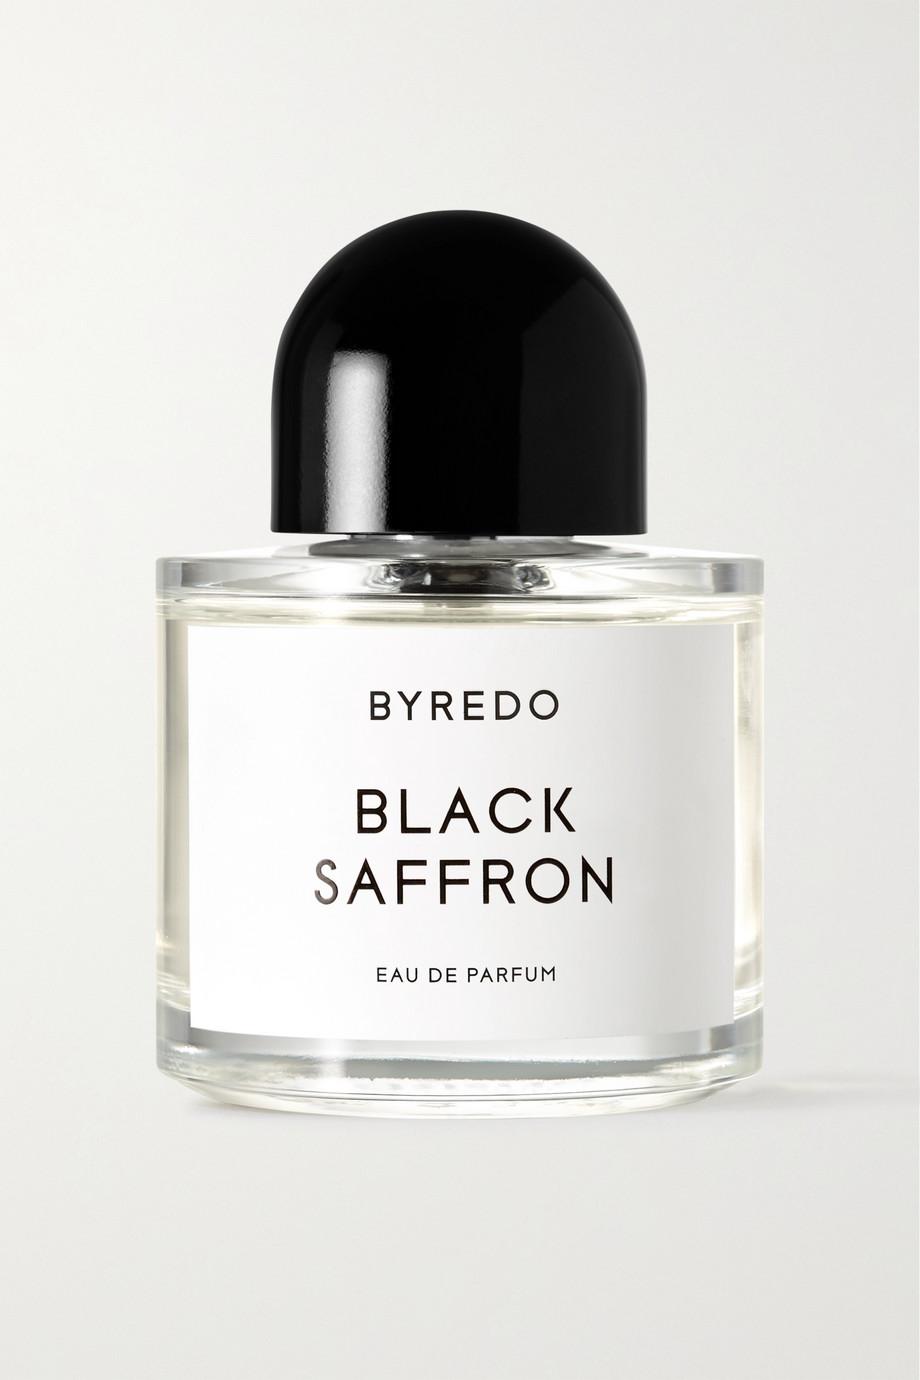 Byredo Eau de Parfum - Black Saffron, 100ml